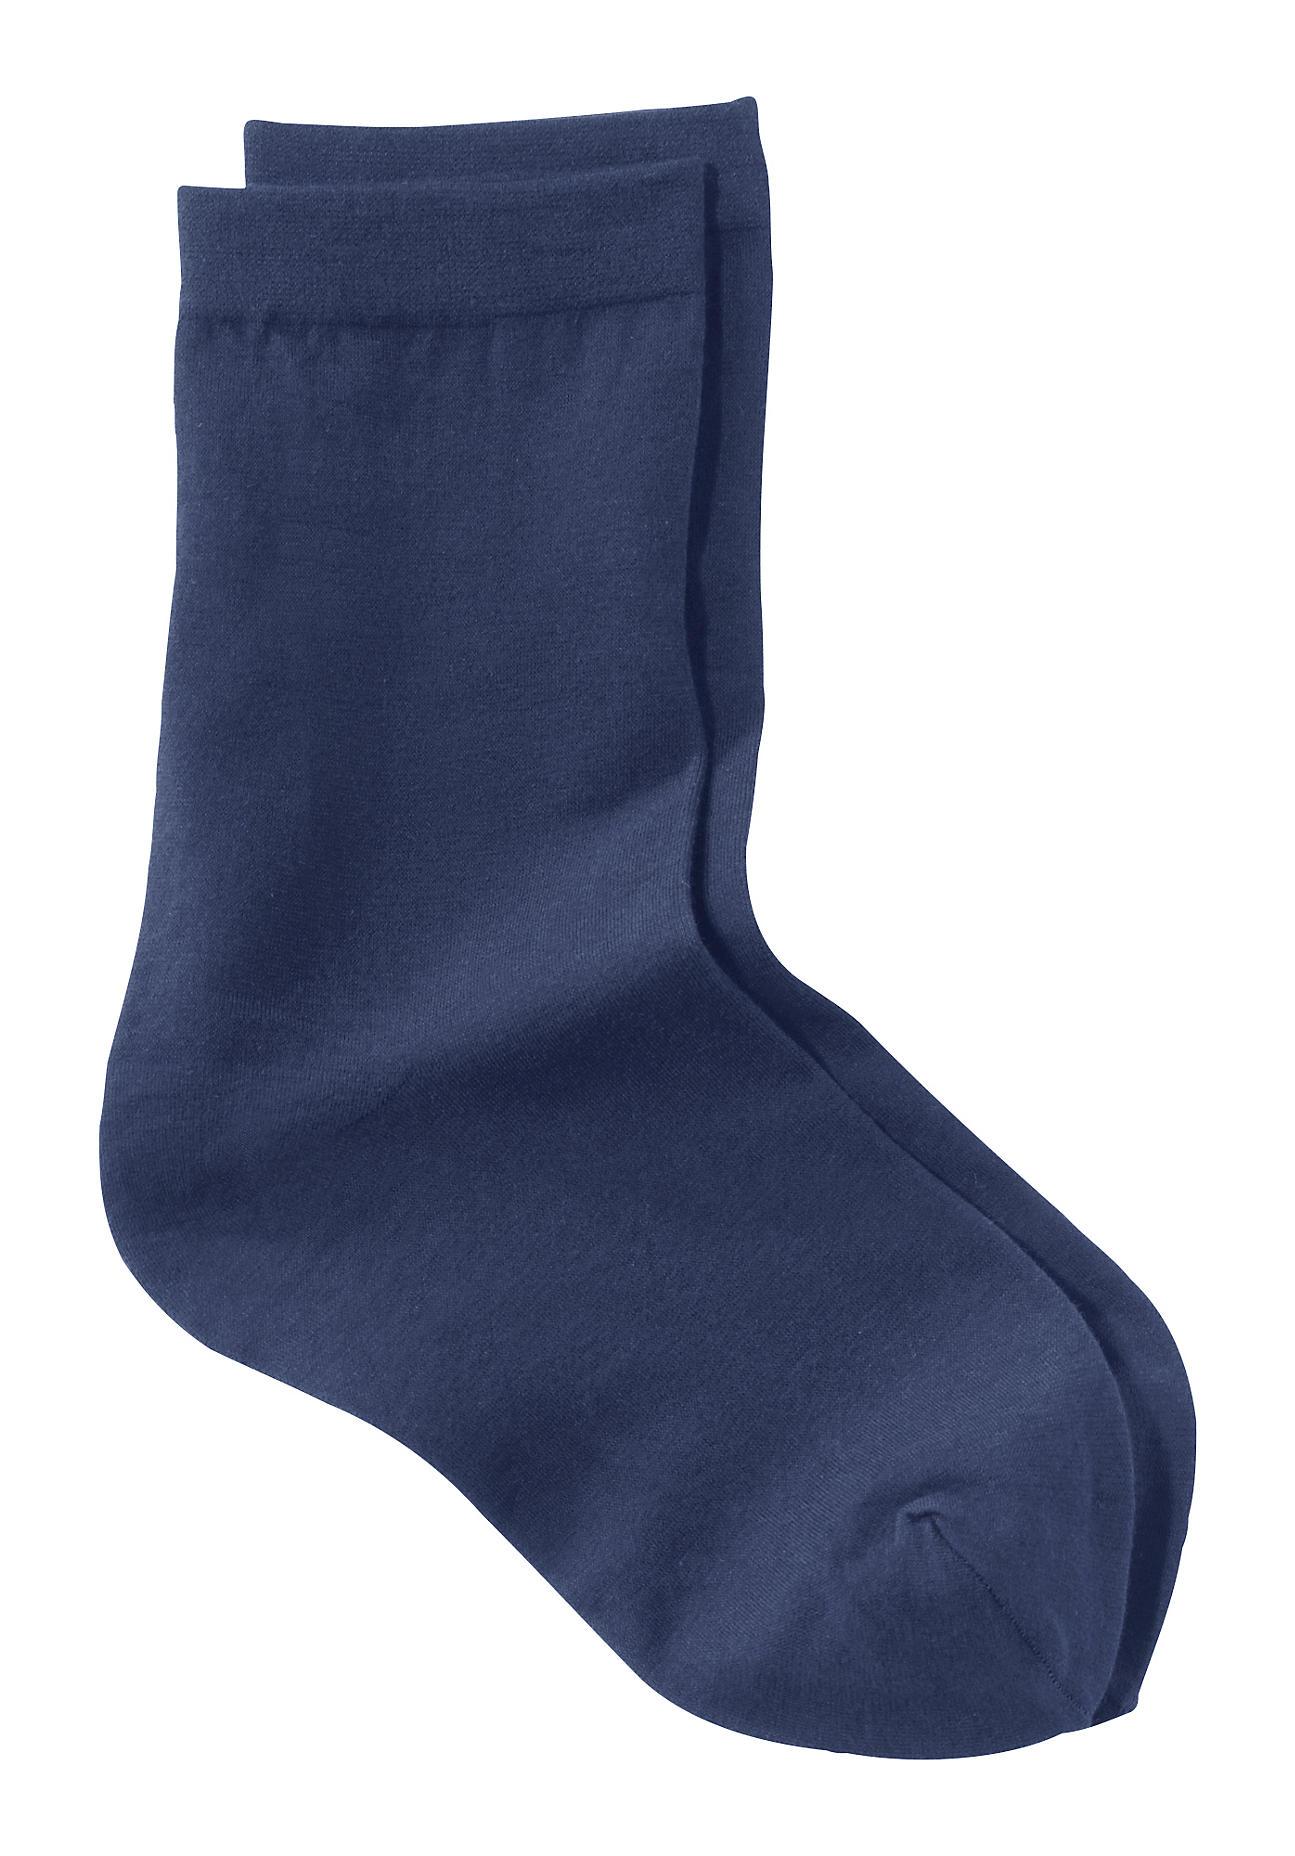 hessnatur Feinstrumpfsocke aus Bio Baumwolle – blau – Größe 38 39